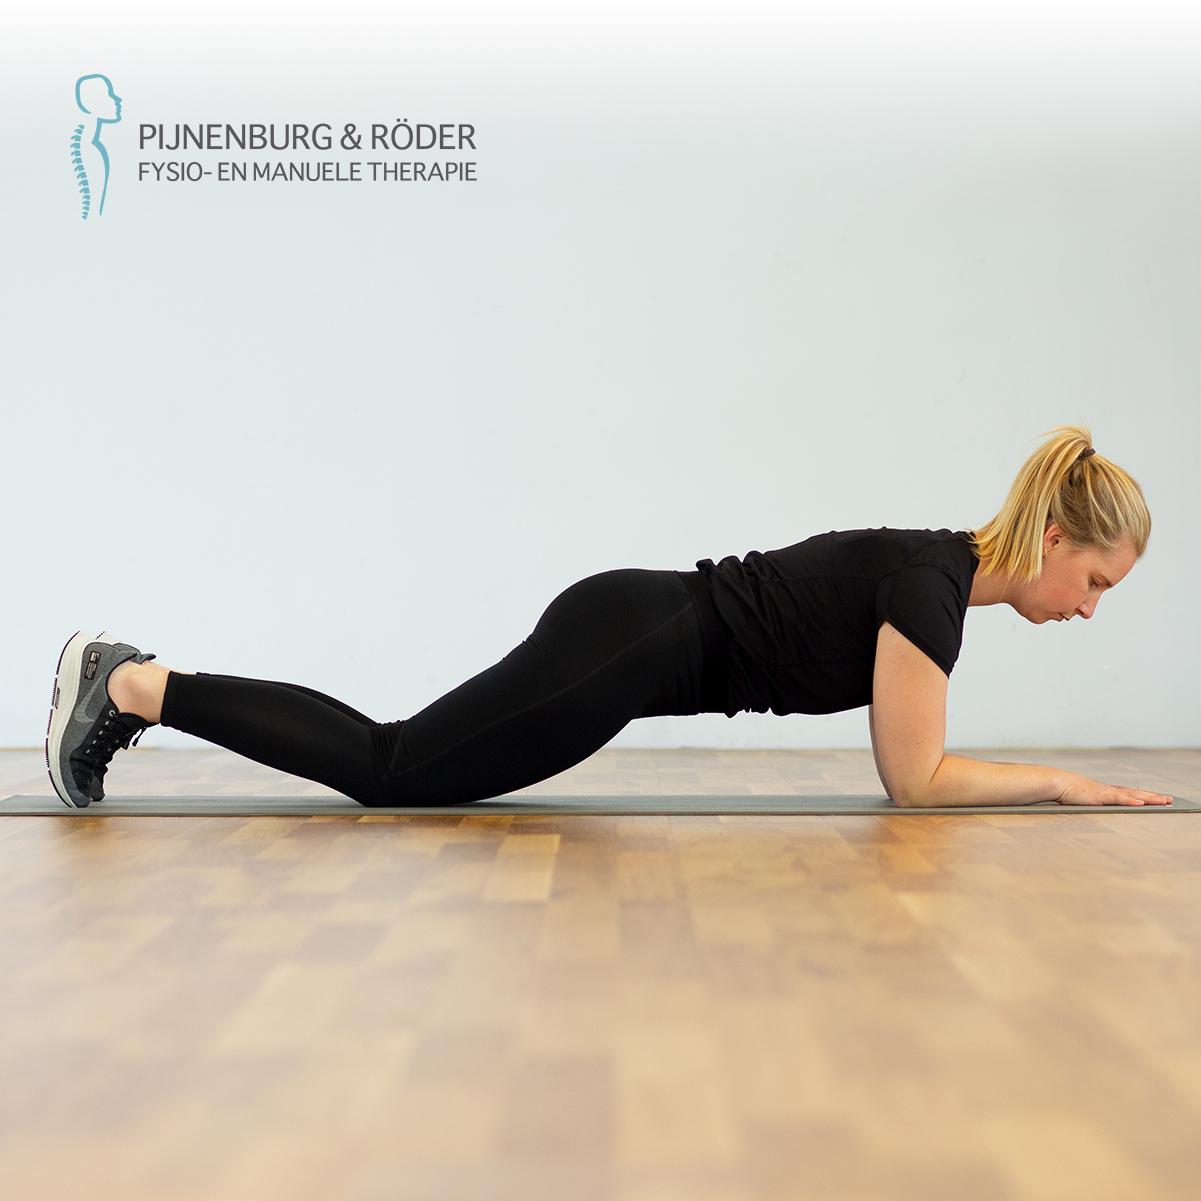 lage rug stabiliteit plank met kniesteun